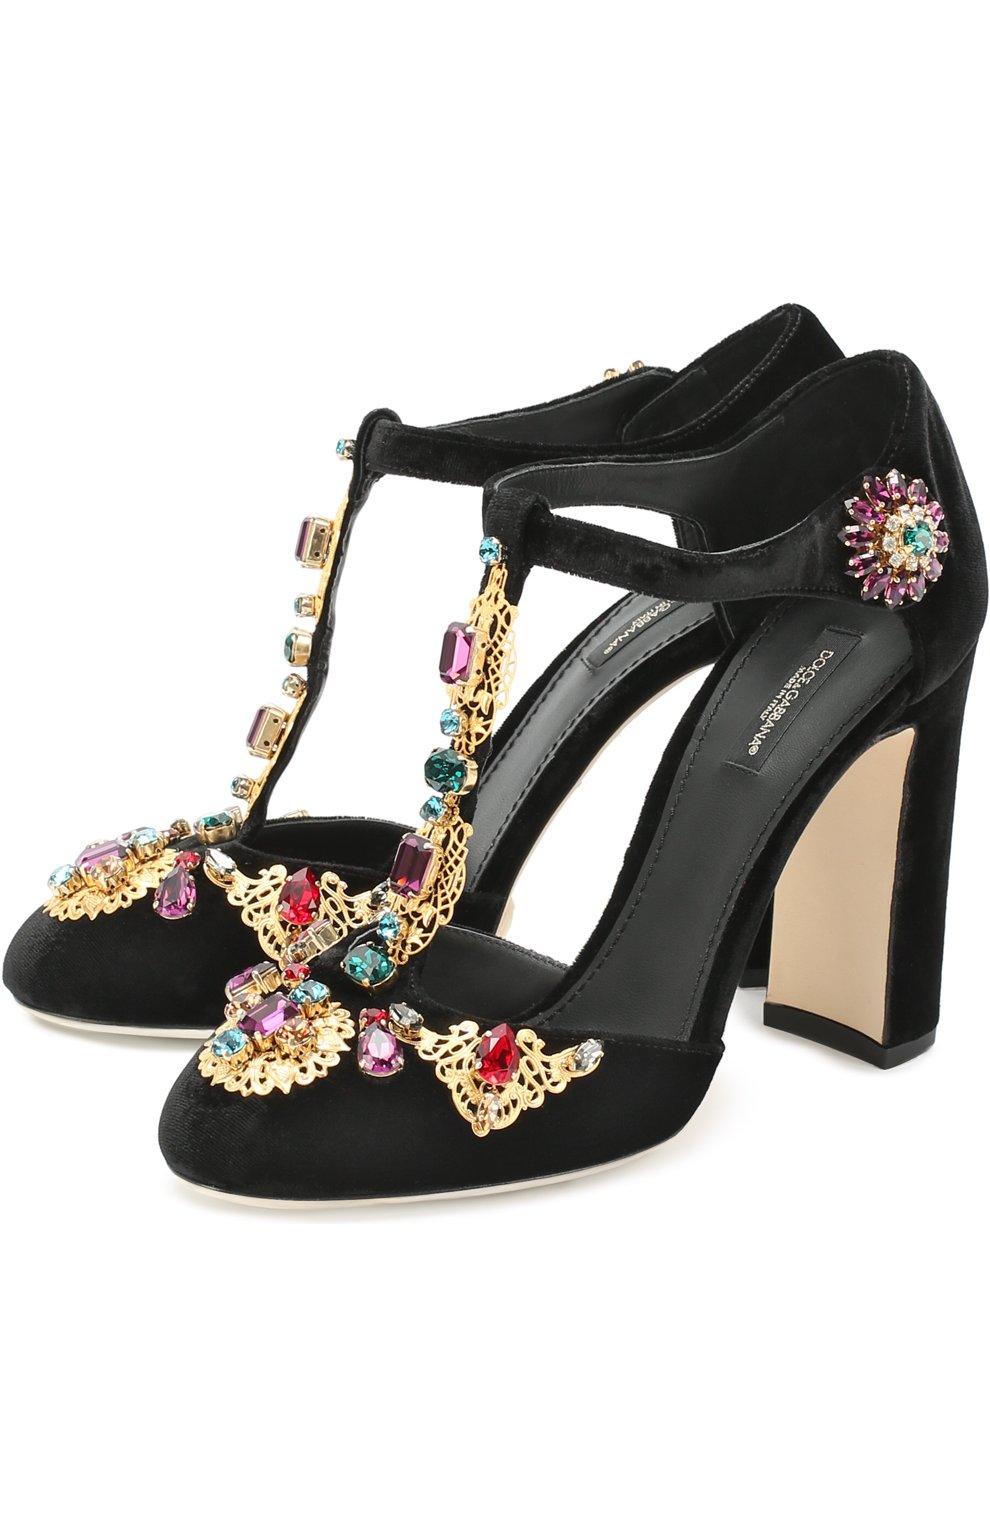 Замшевые туфли Vally с декором | Фото №1